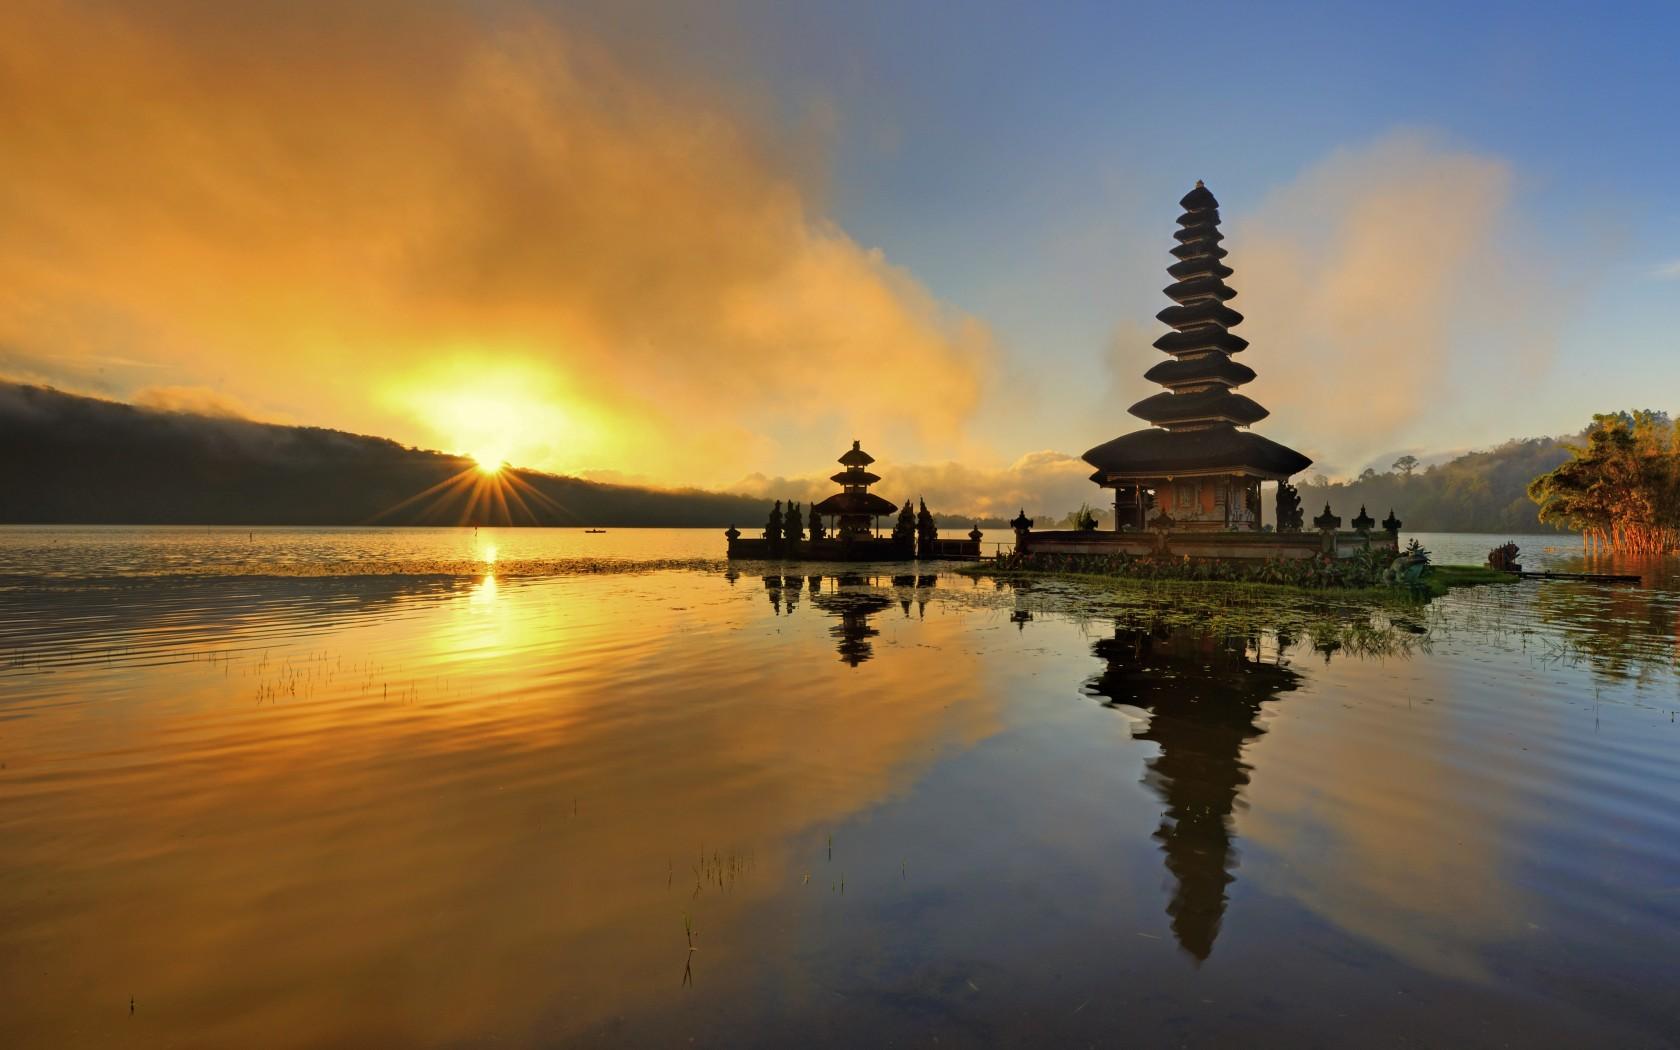 20_Bali_157140794-1680x1050